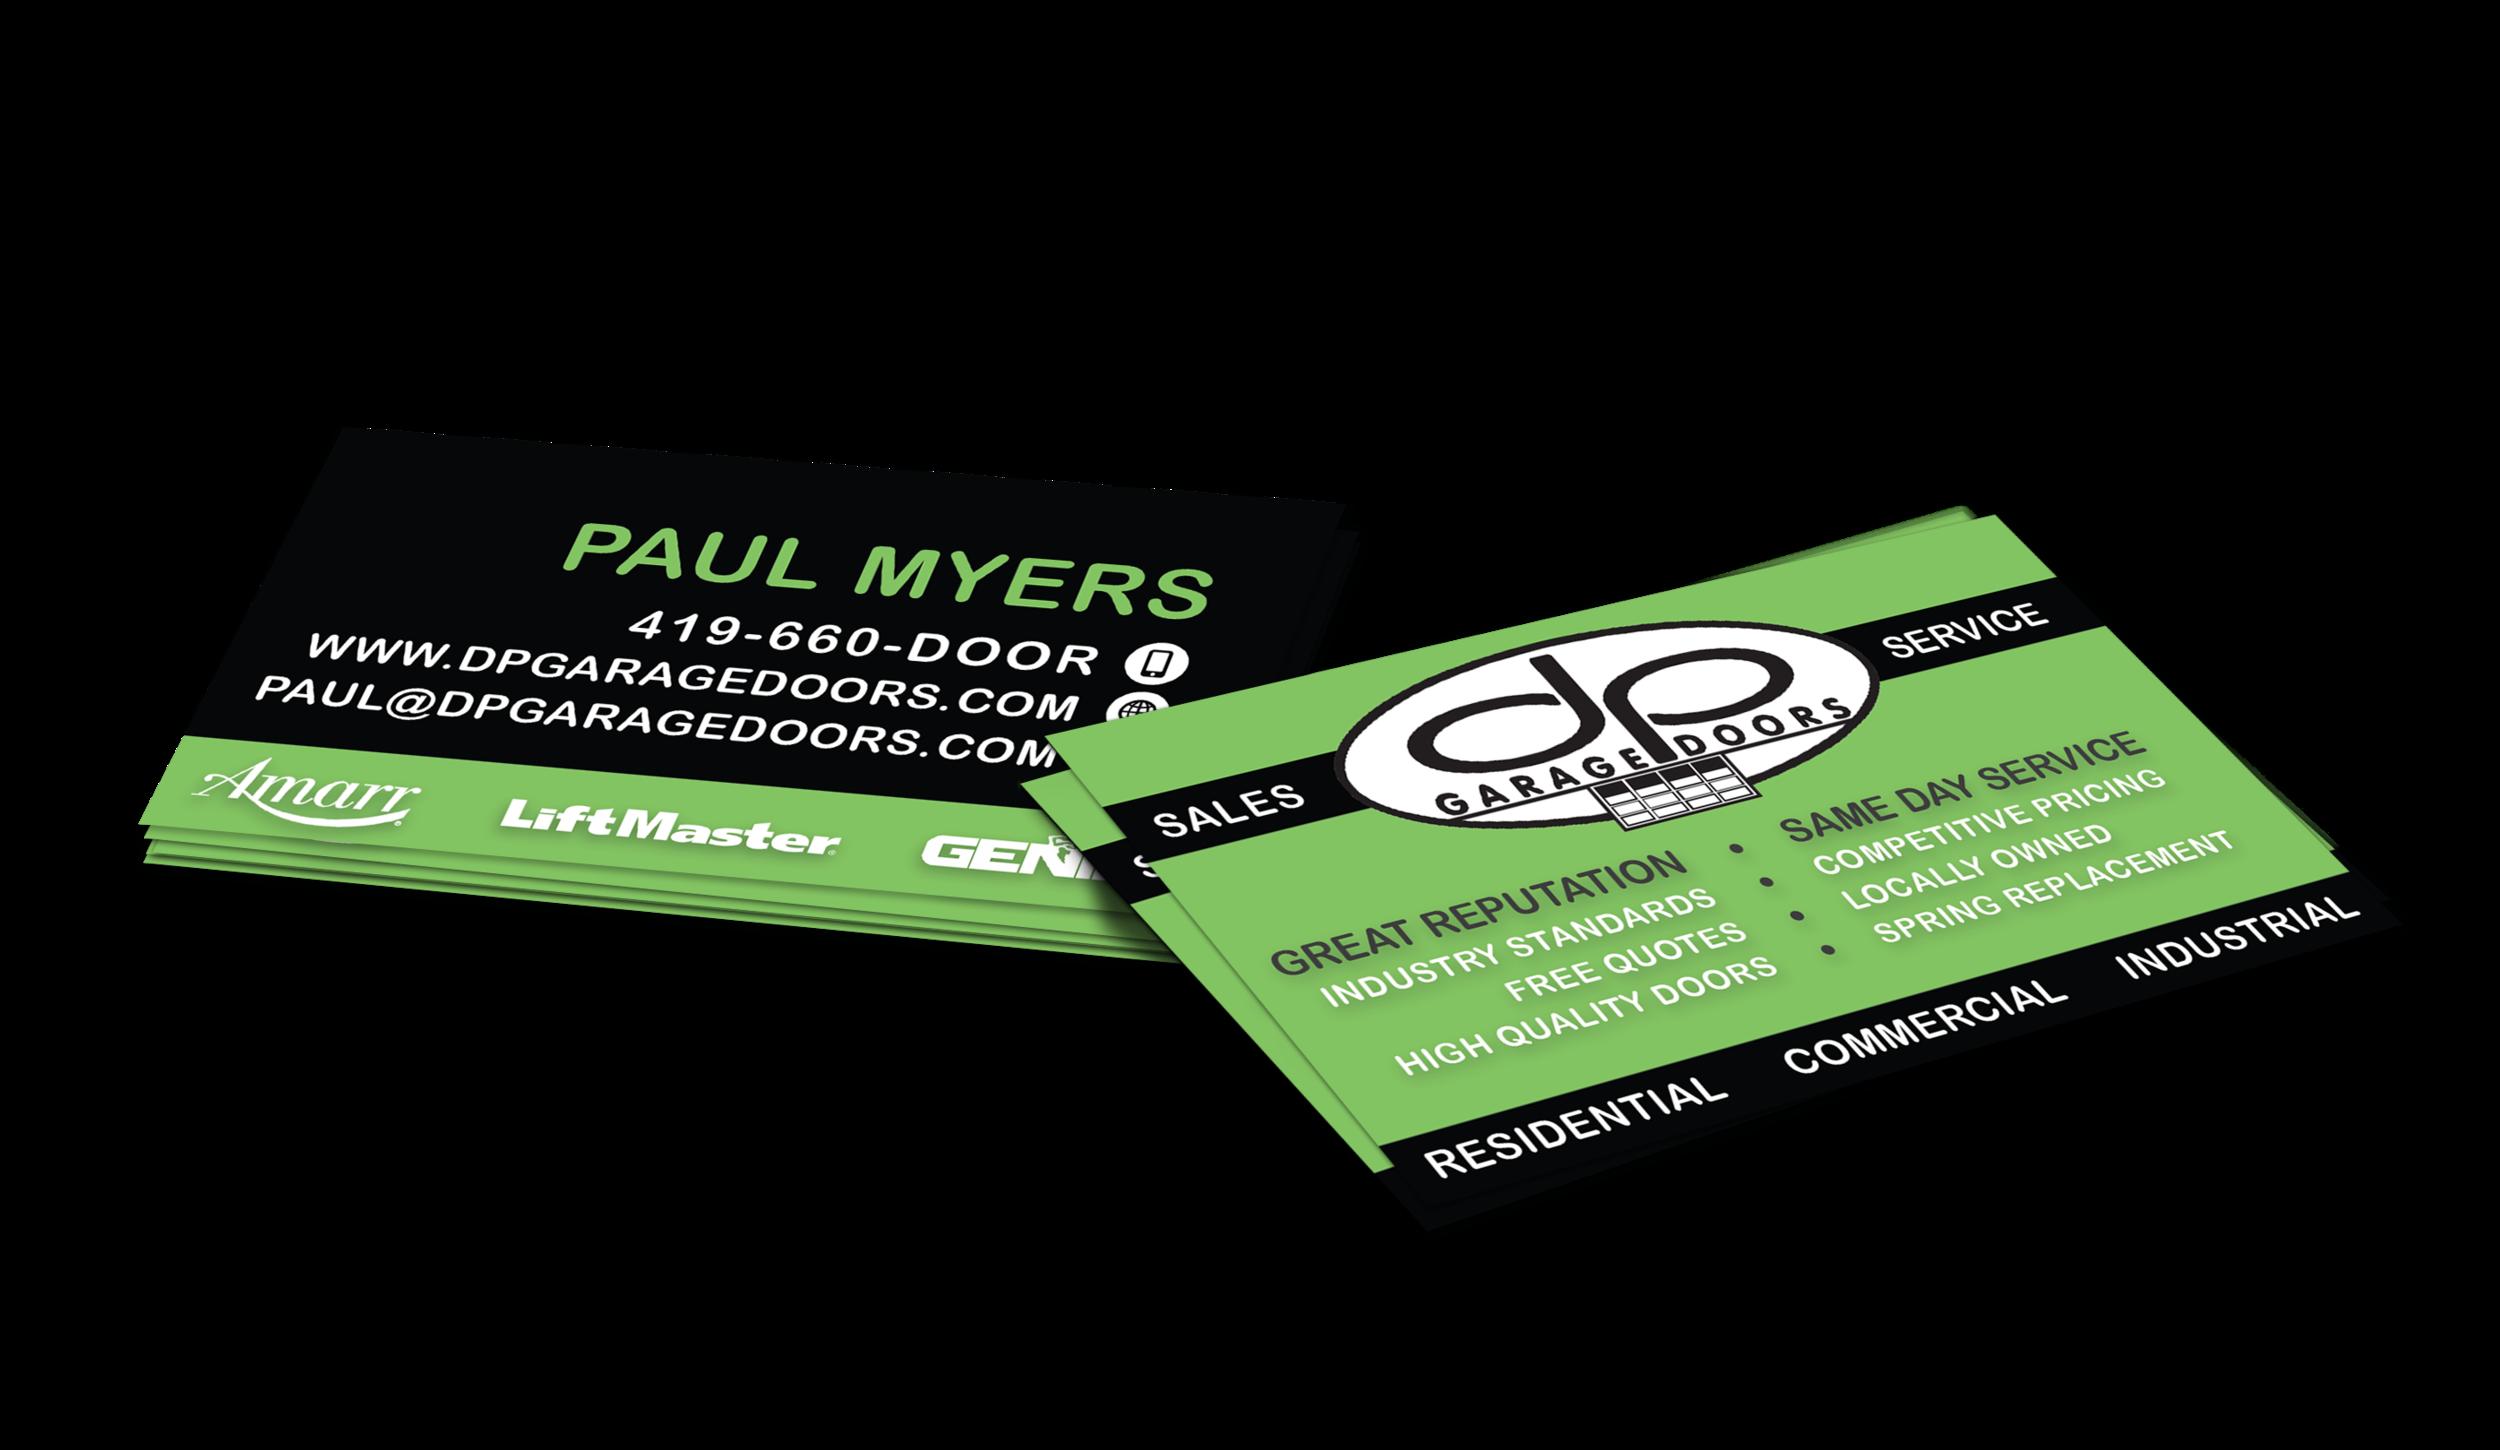 DP GArage Door Business Cards.png